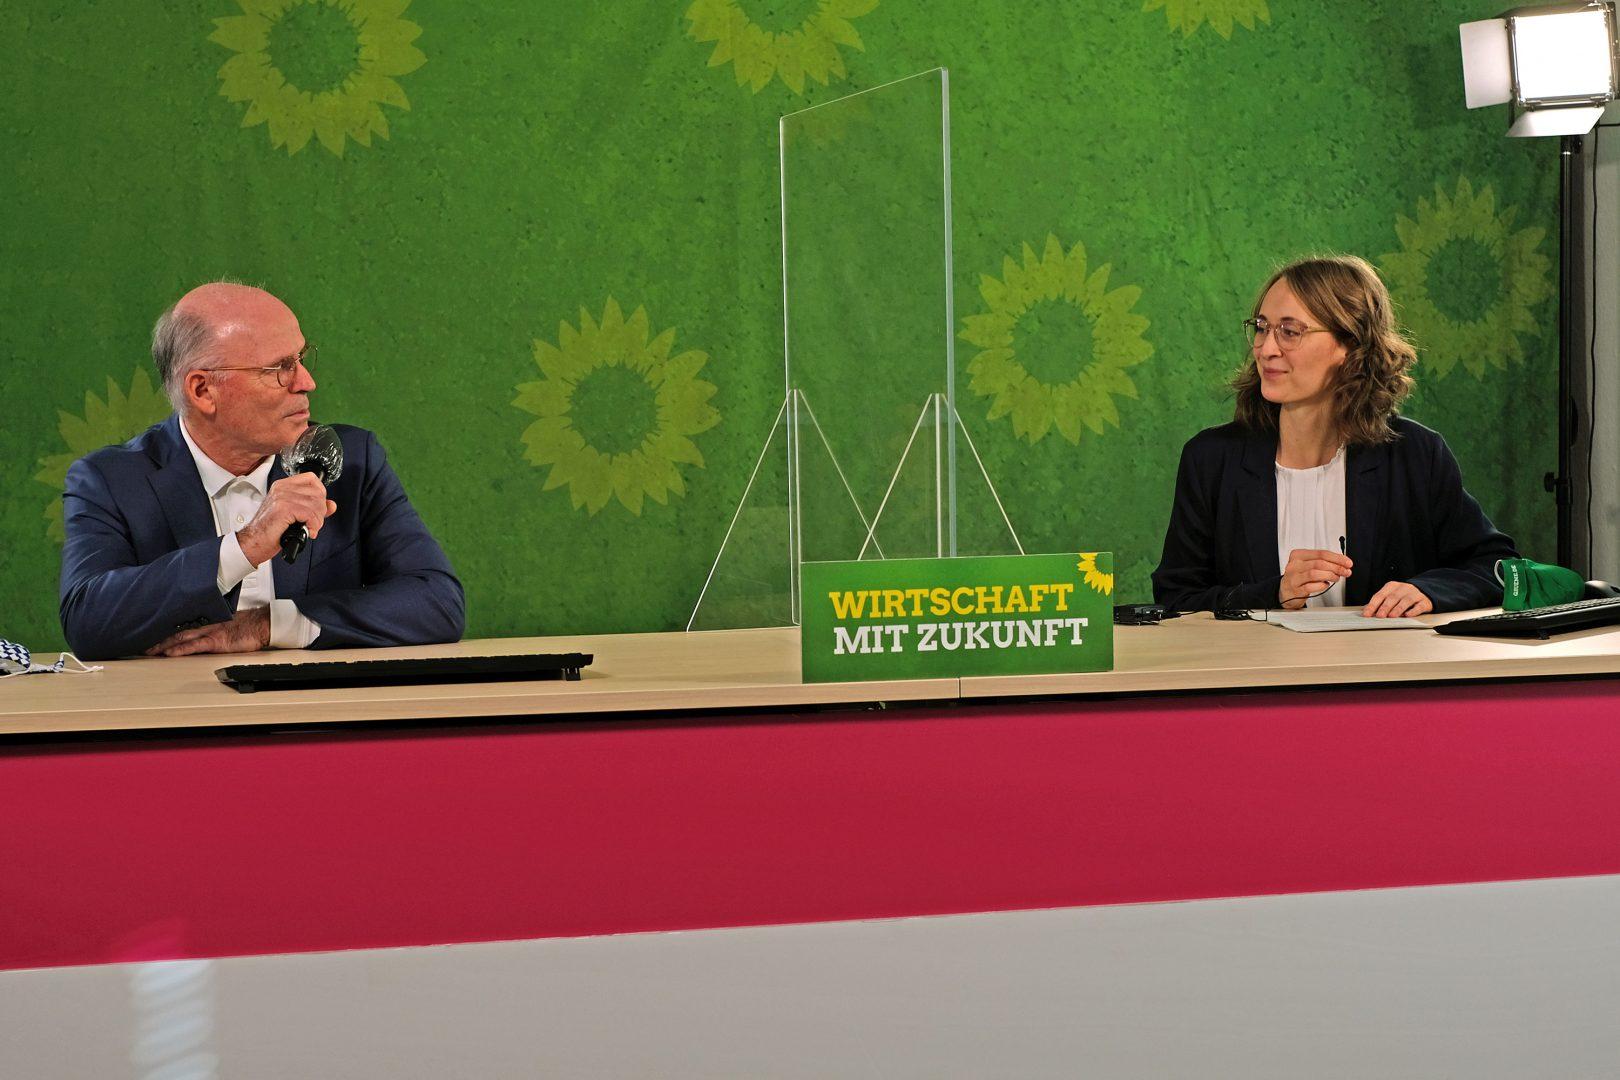 Parteivorsitzende Eva Lettenbauer im Gespräch mit Dr. Rudolf Staudigl, Vorstandsvorsitzender der Wacker Chemie AG